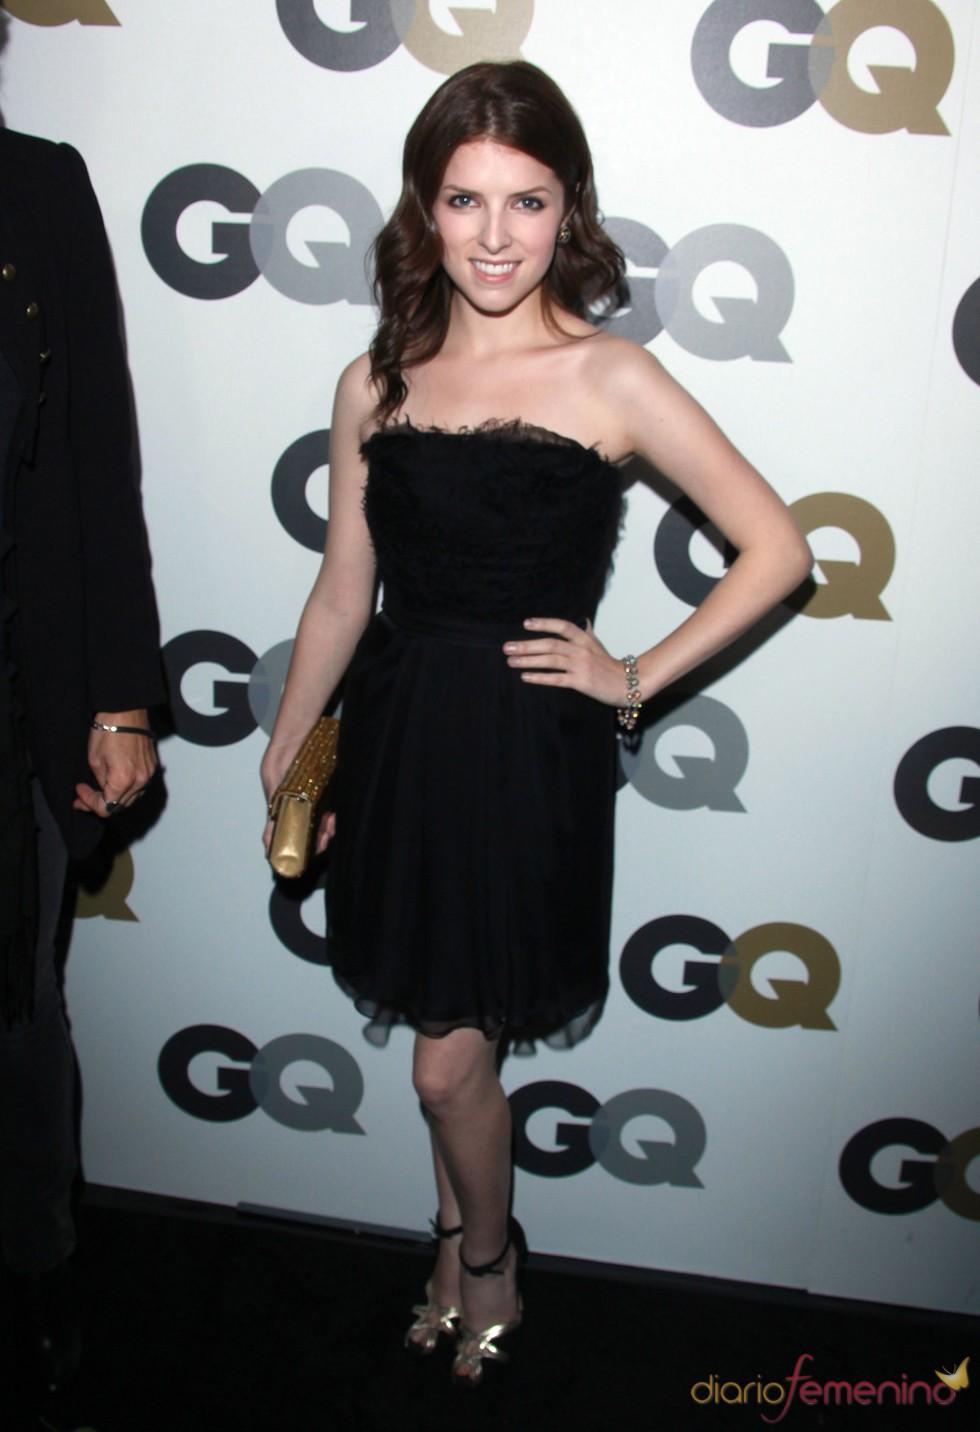 Anna Kendrick en la Fiesta GQ 2010